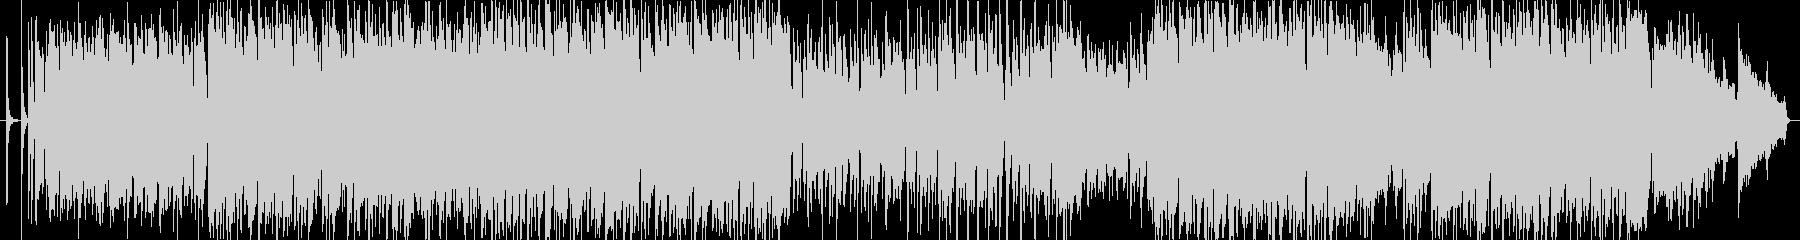 爽快なイメージのアコギ曲(ドラムレス)の未再生の波形